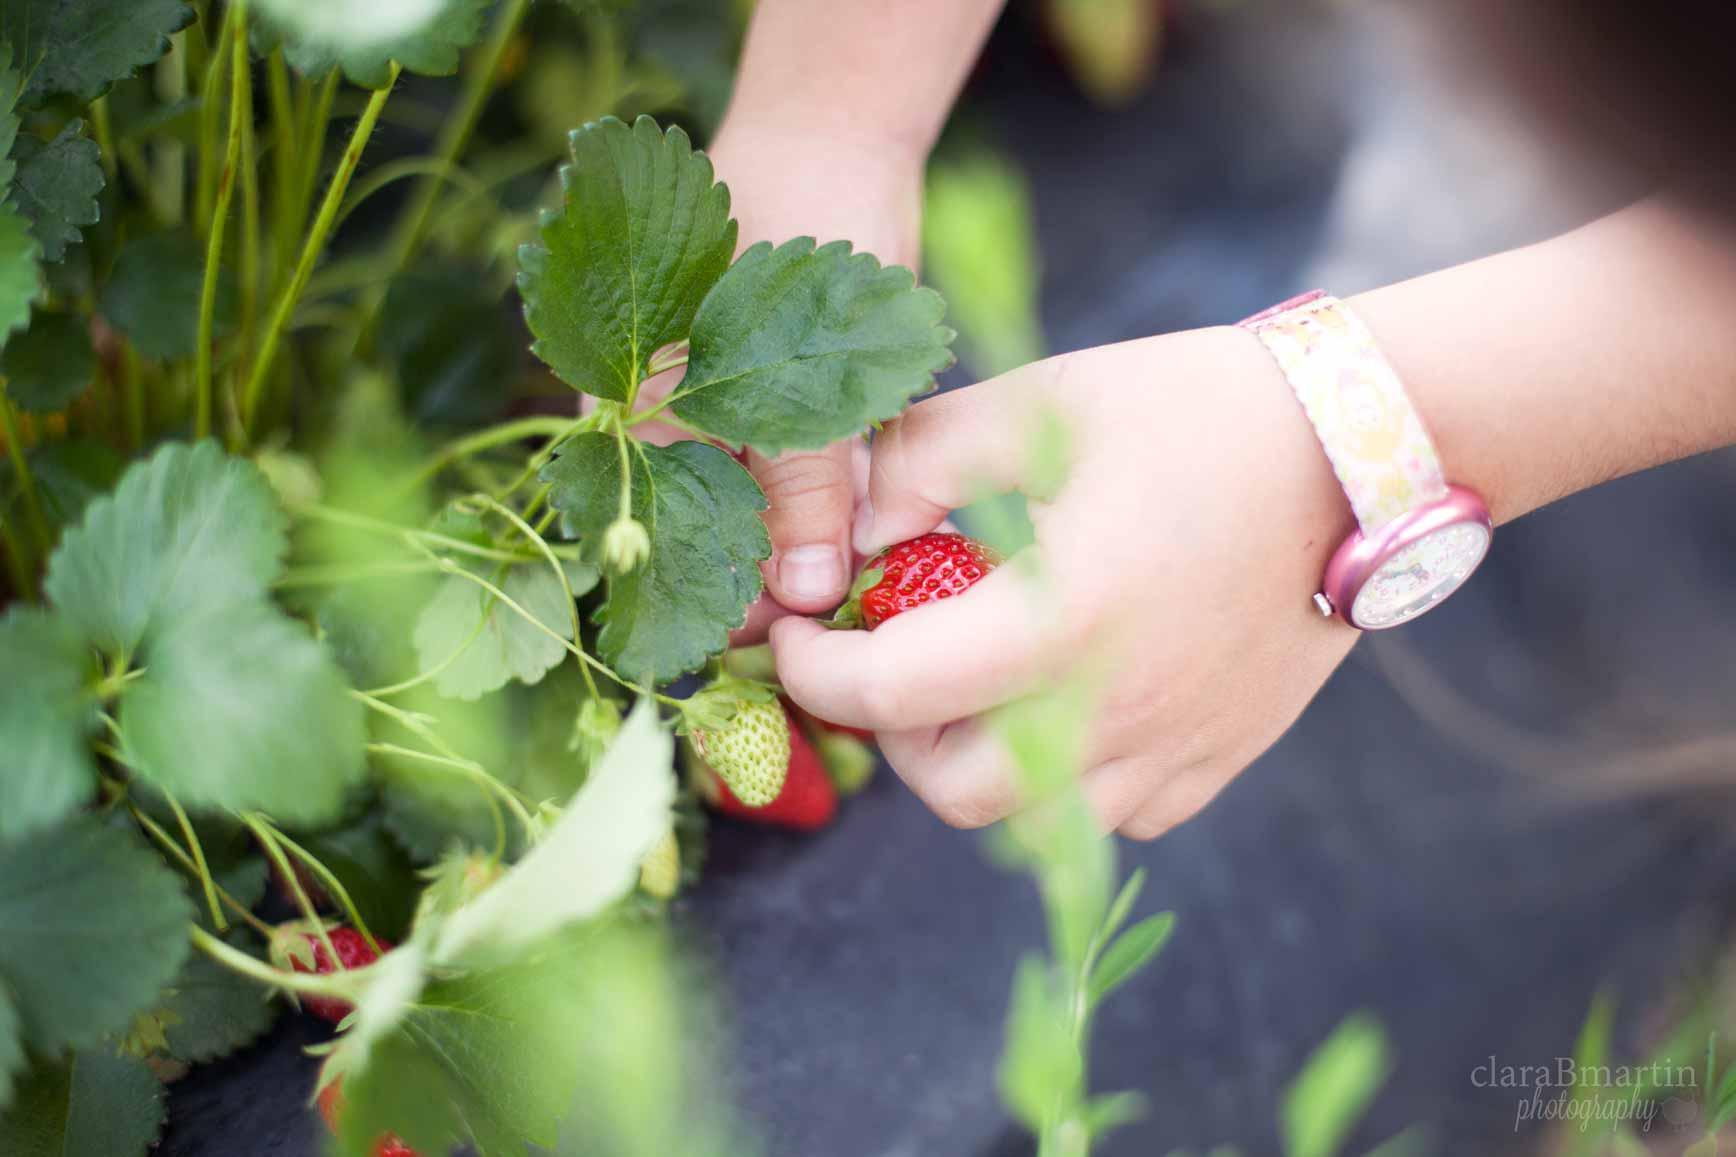 Recolecta-fresas-claraBmartin-02